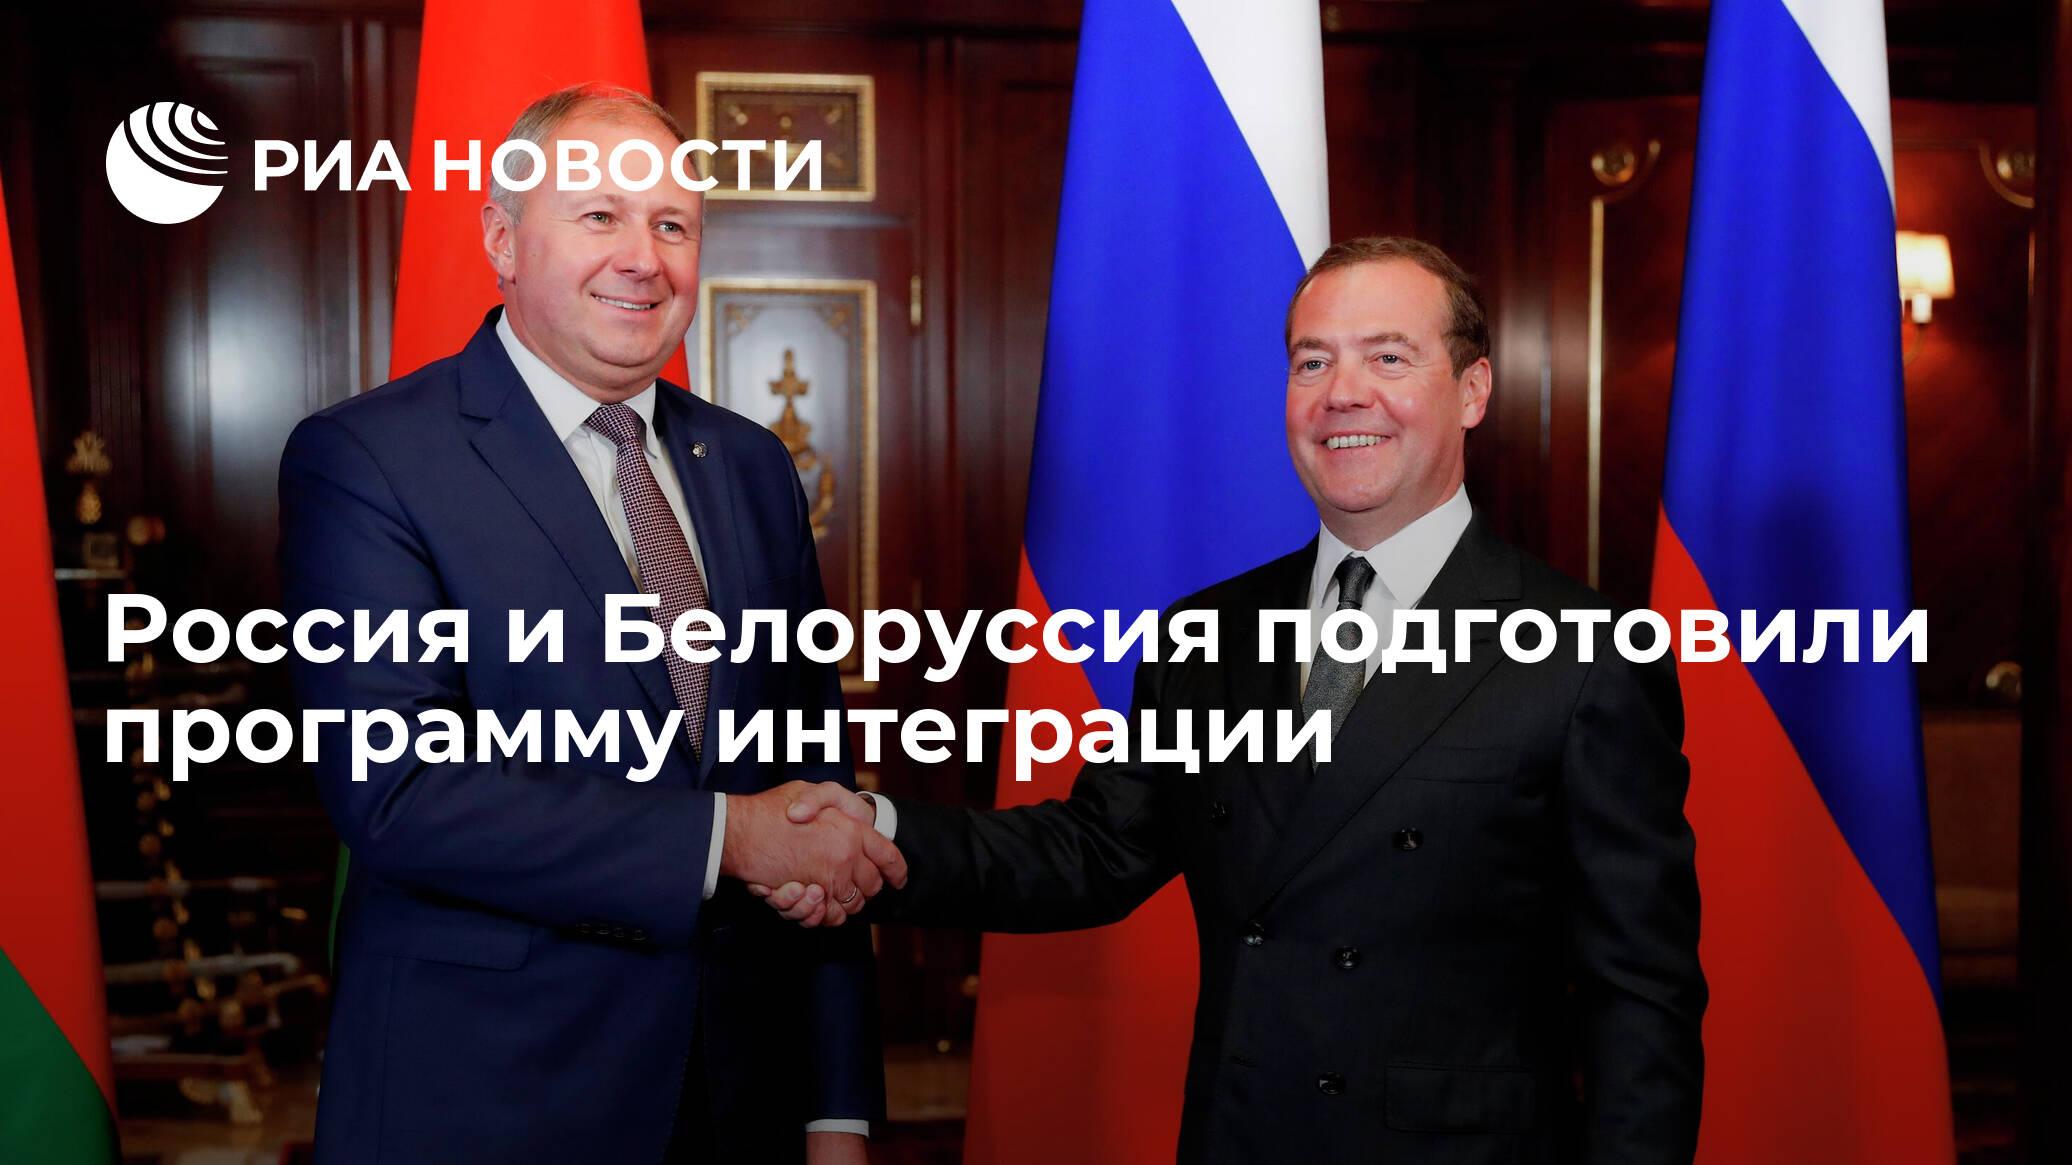 Россия и Белоруссия подготовили программу интеграции